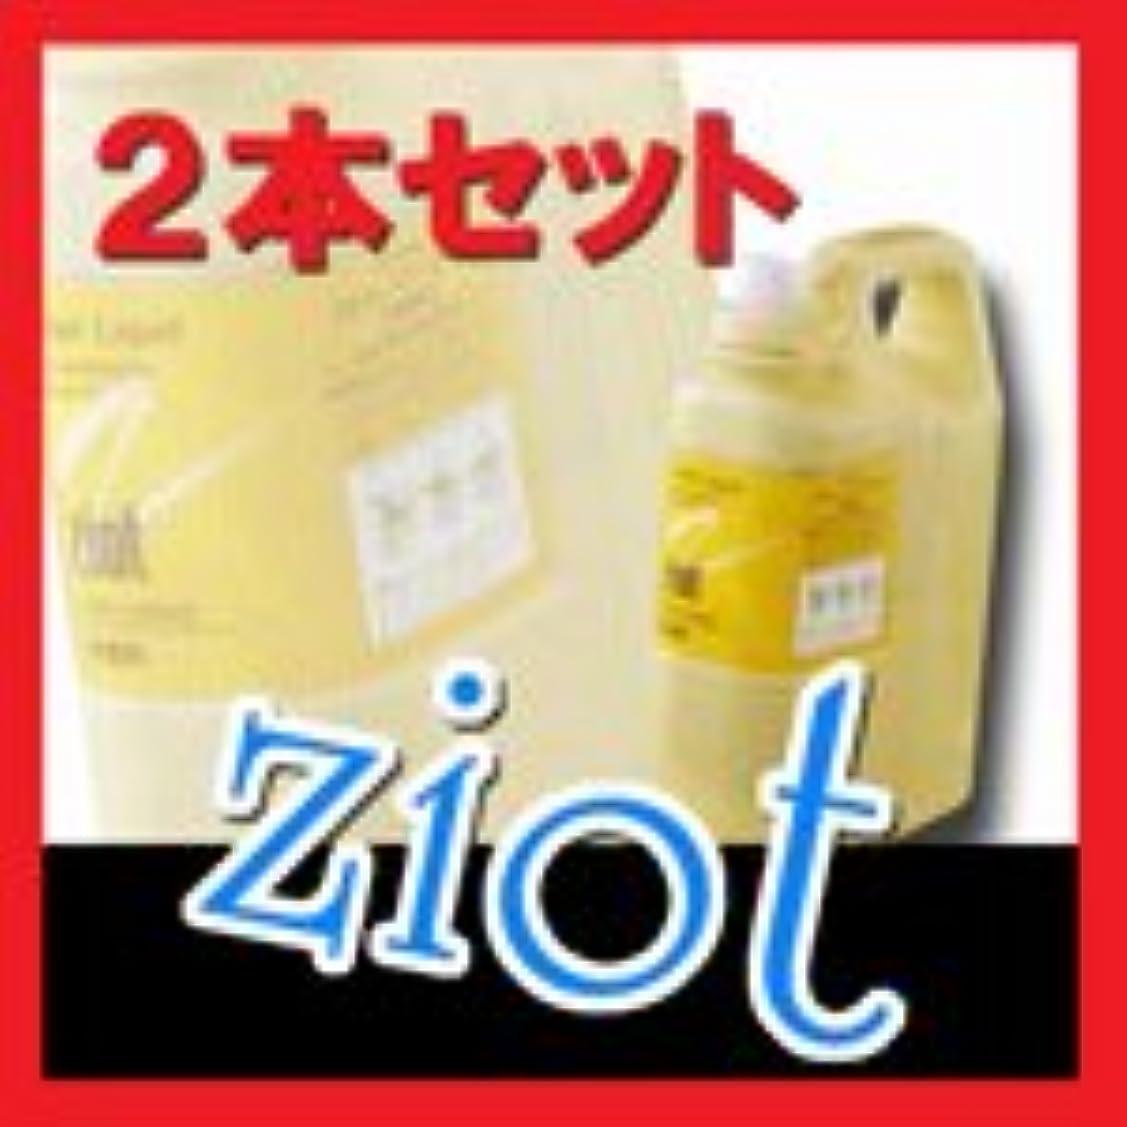 去る常識微生物クラシエ ZIOT ジオット ヘアー リクイド 2000ml ×2本 お徳用サイズ